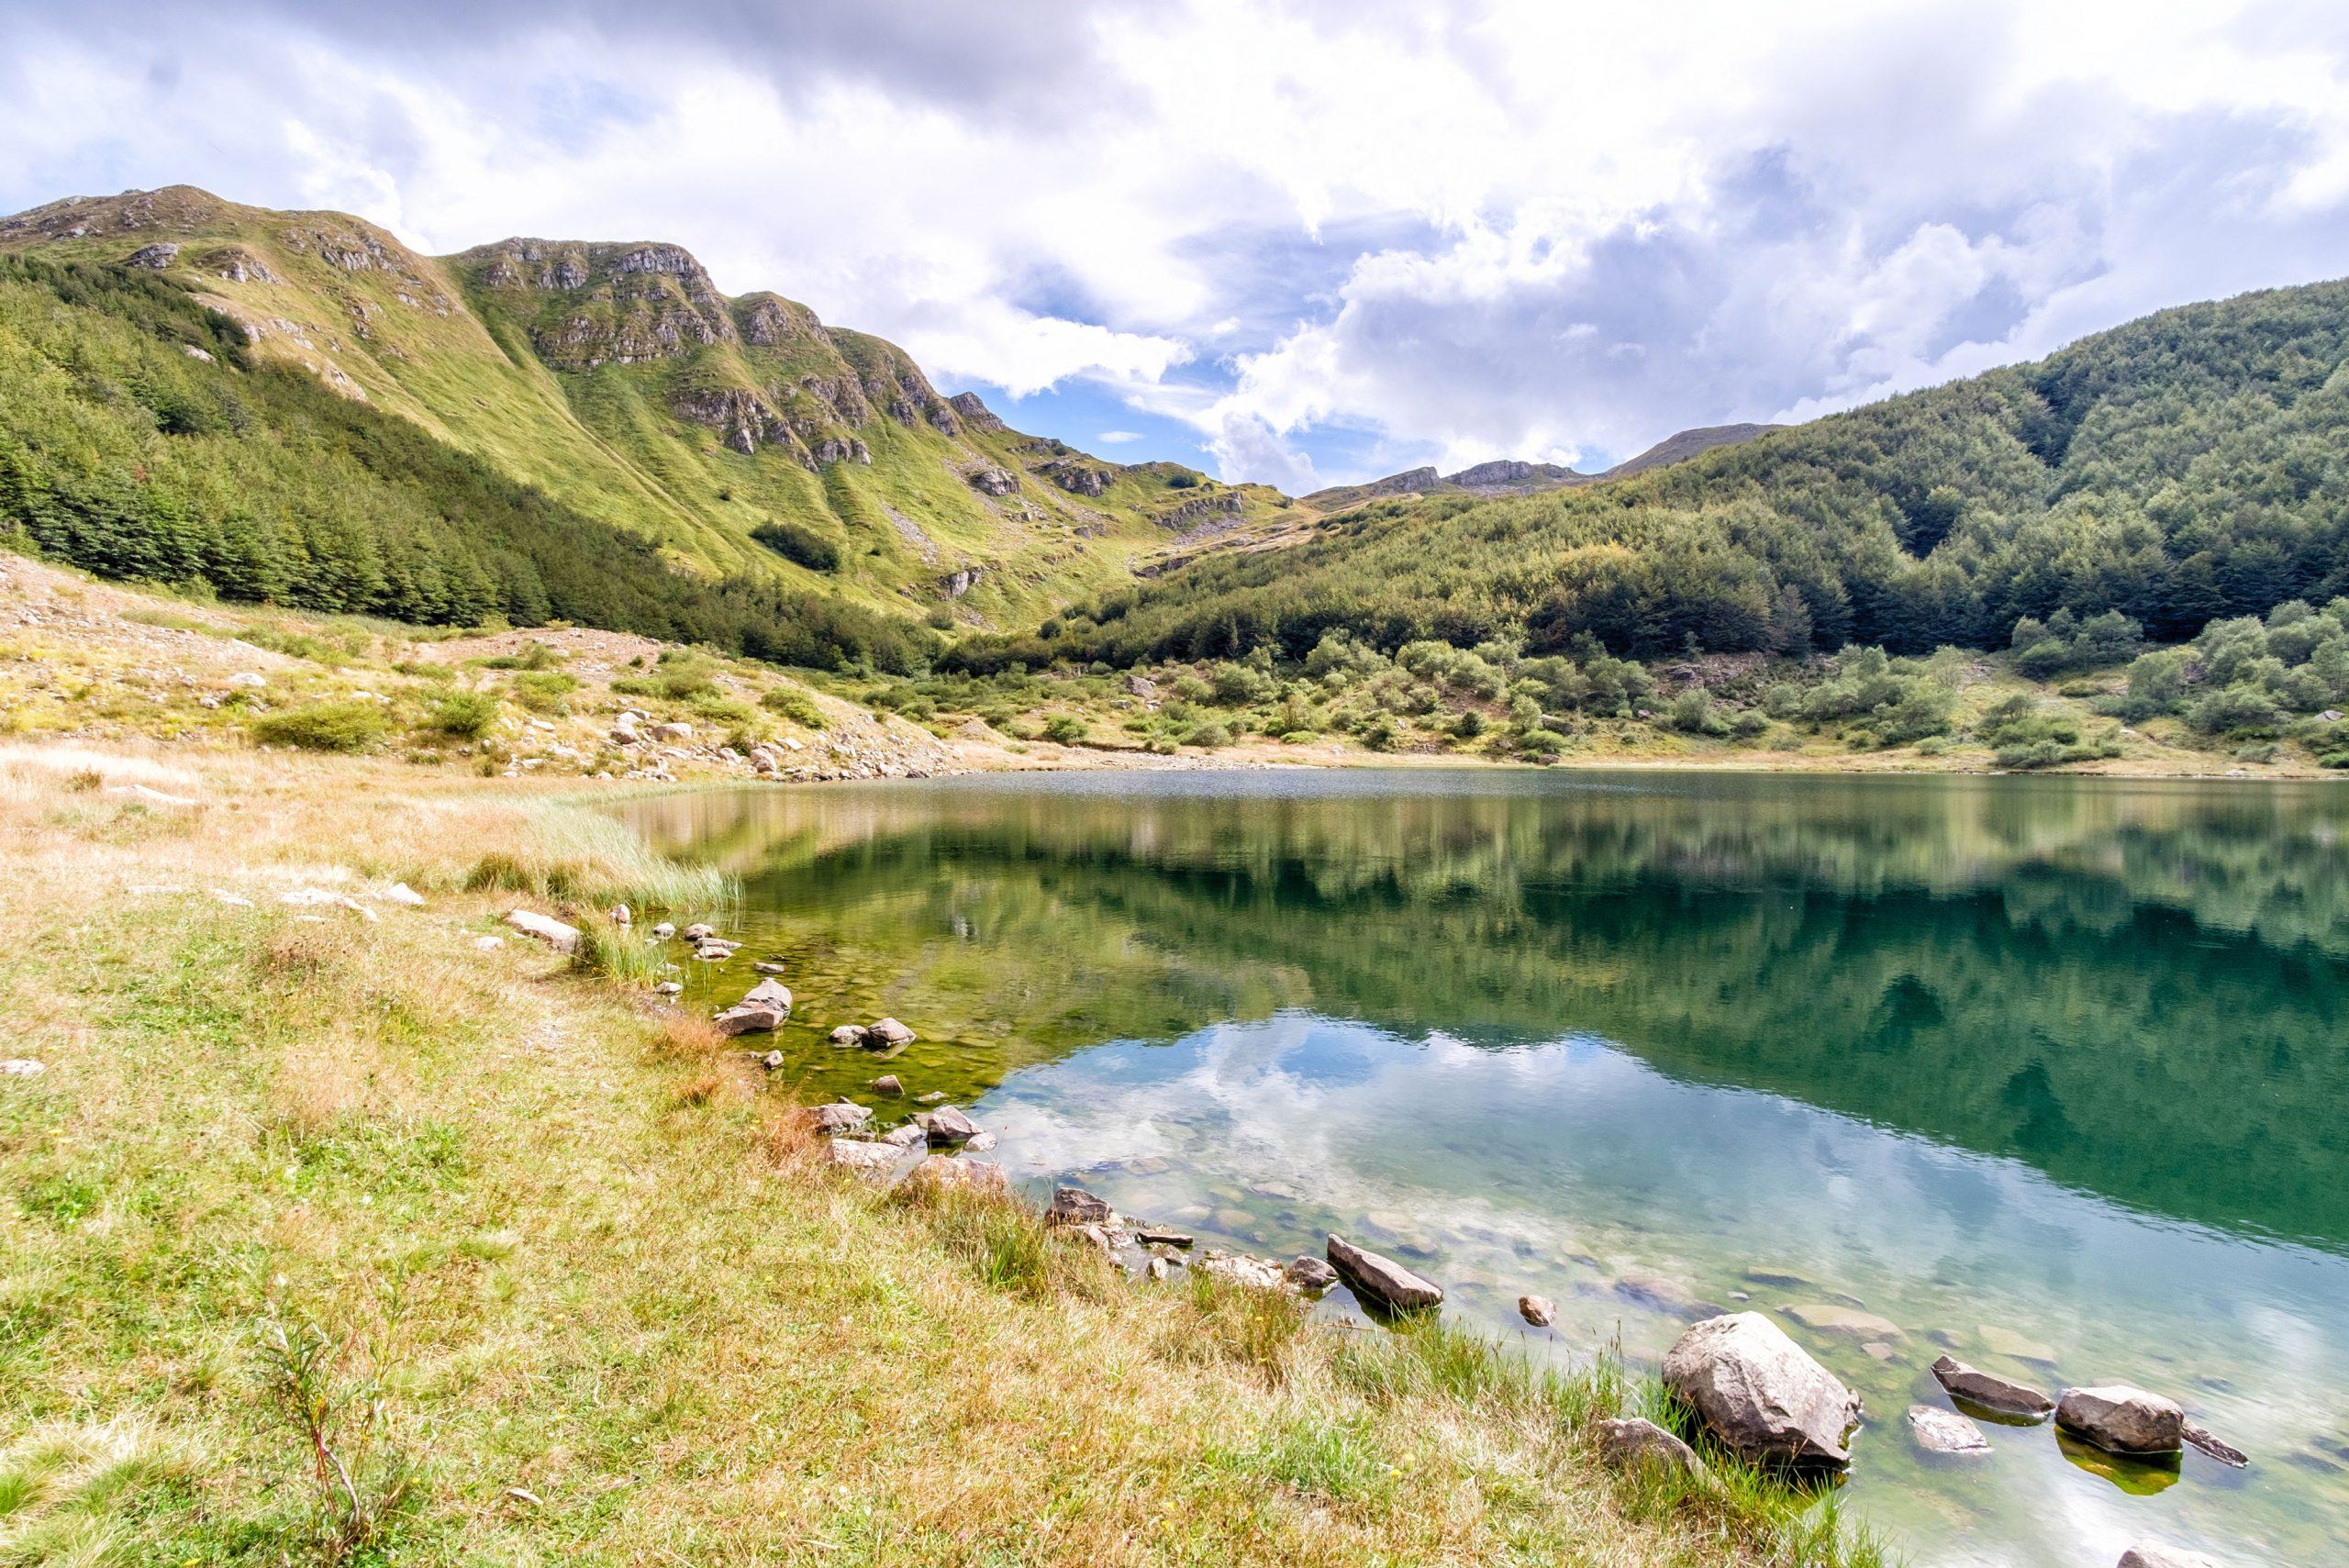 Prosciuttificio San Nicola nel Parco Nazionale Appennino Tosco Emiliano